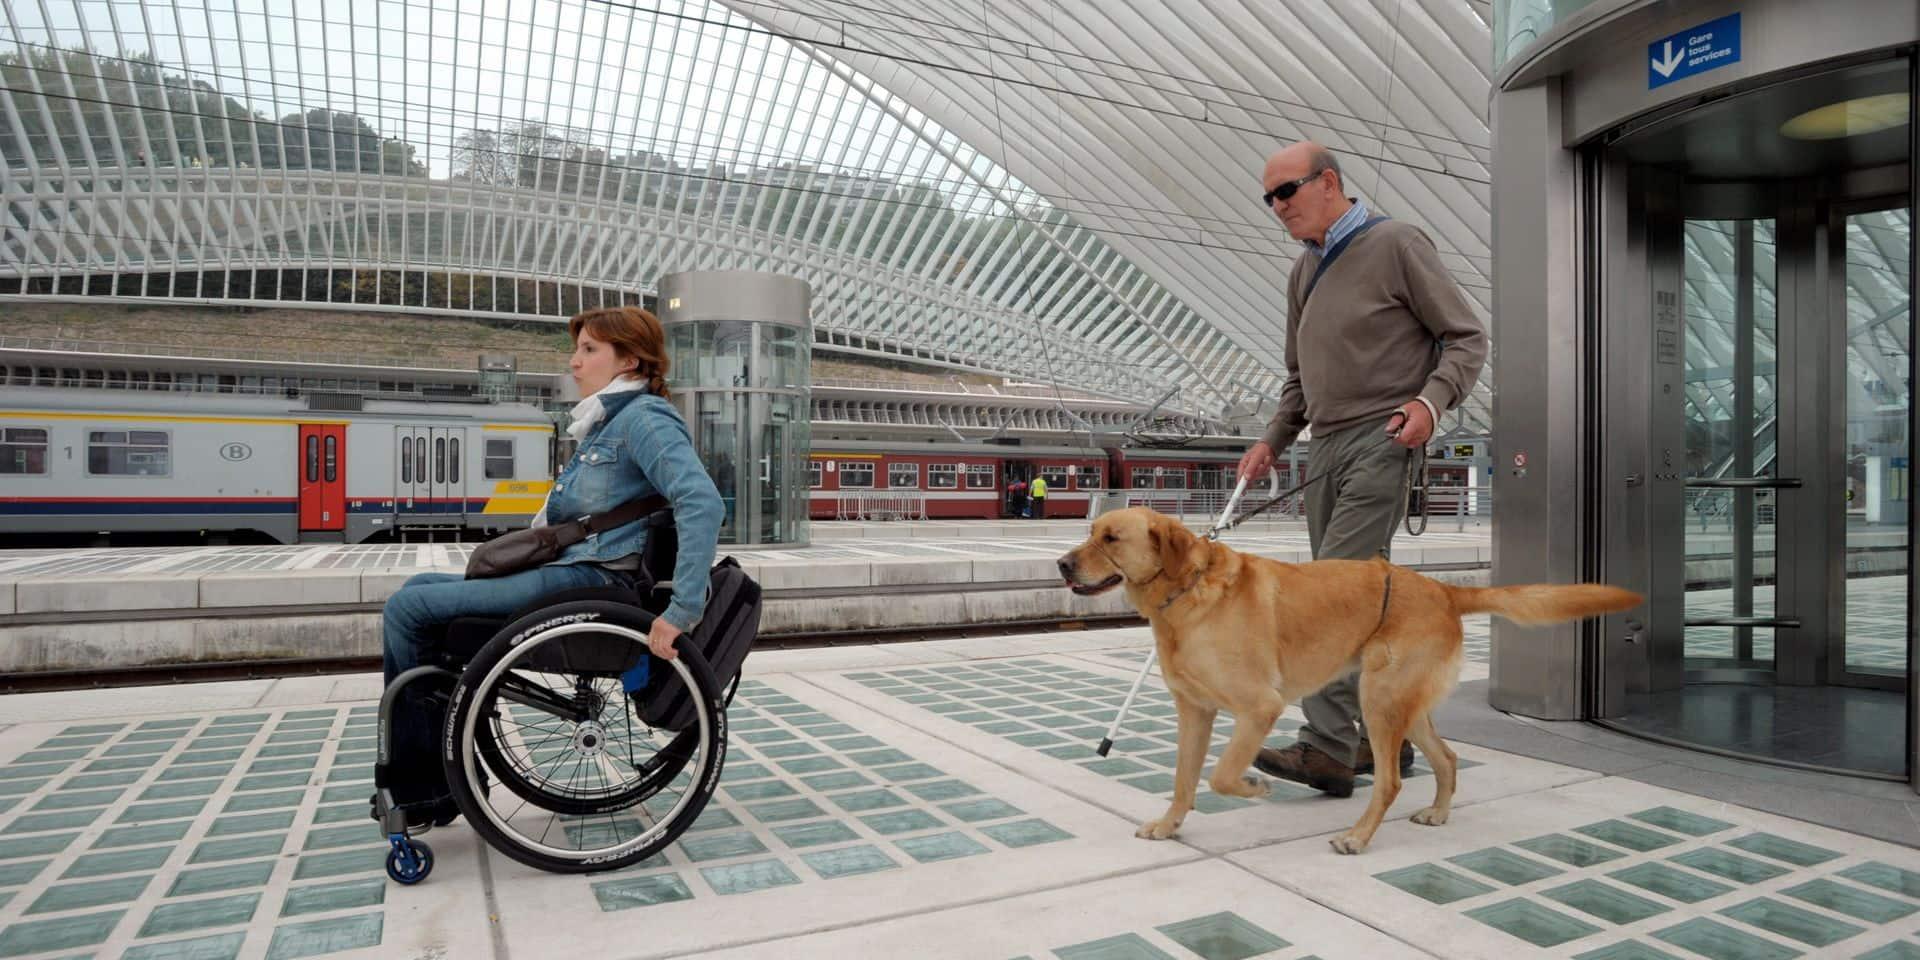 Seulement une gare sur cinq est accessible aux personnes à mobilité réduite